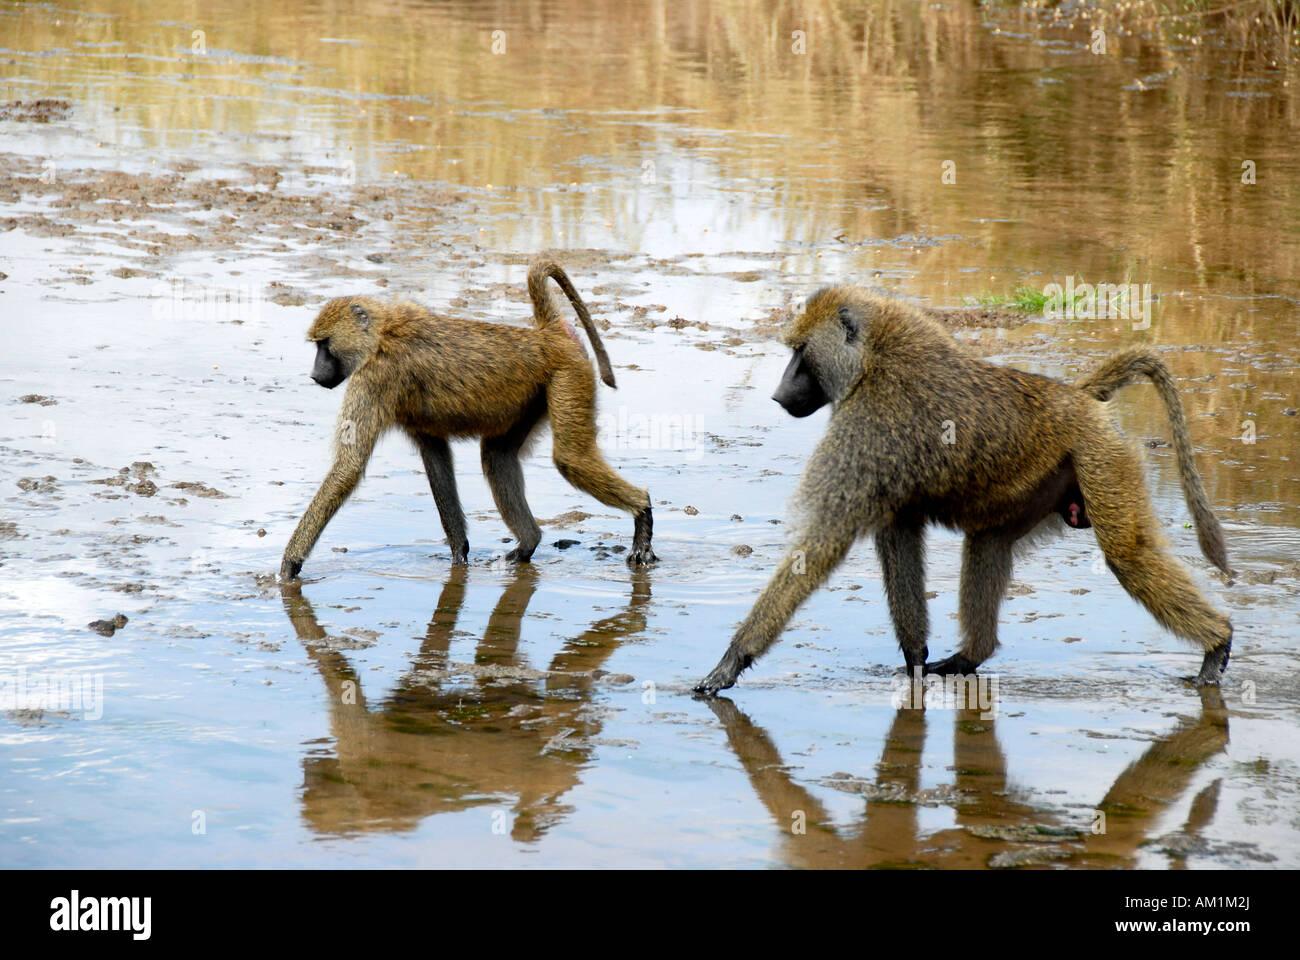 Two Olive Baboons (Papio anubis) wade through shallow water Tarangire National Park Tanzania Stock Photo